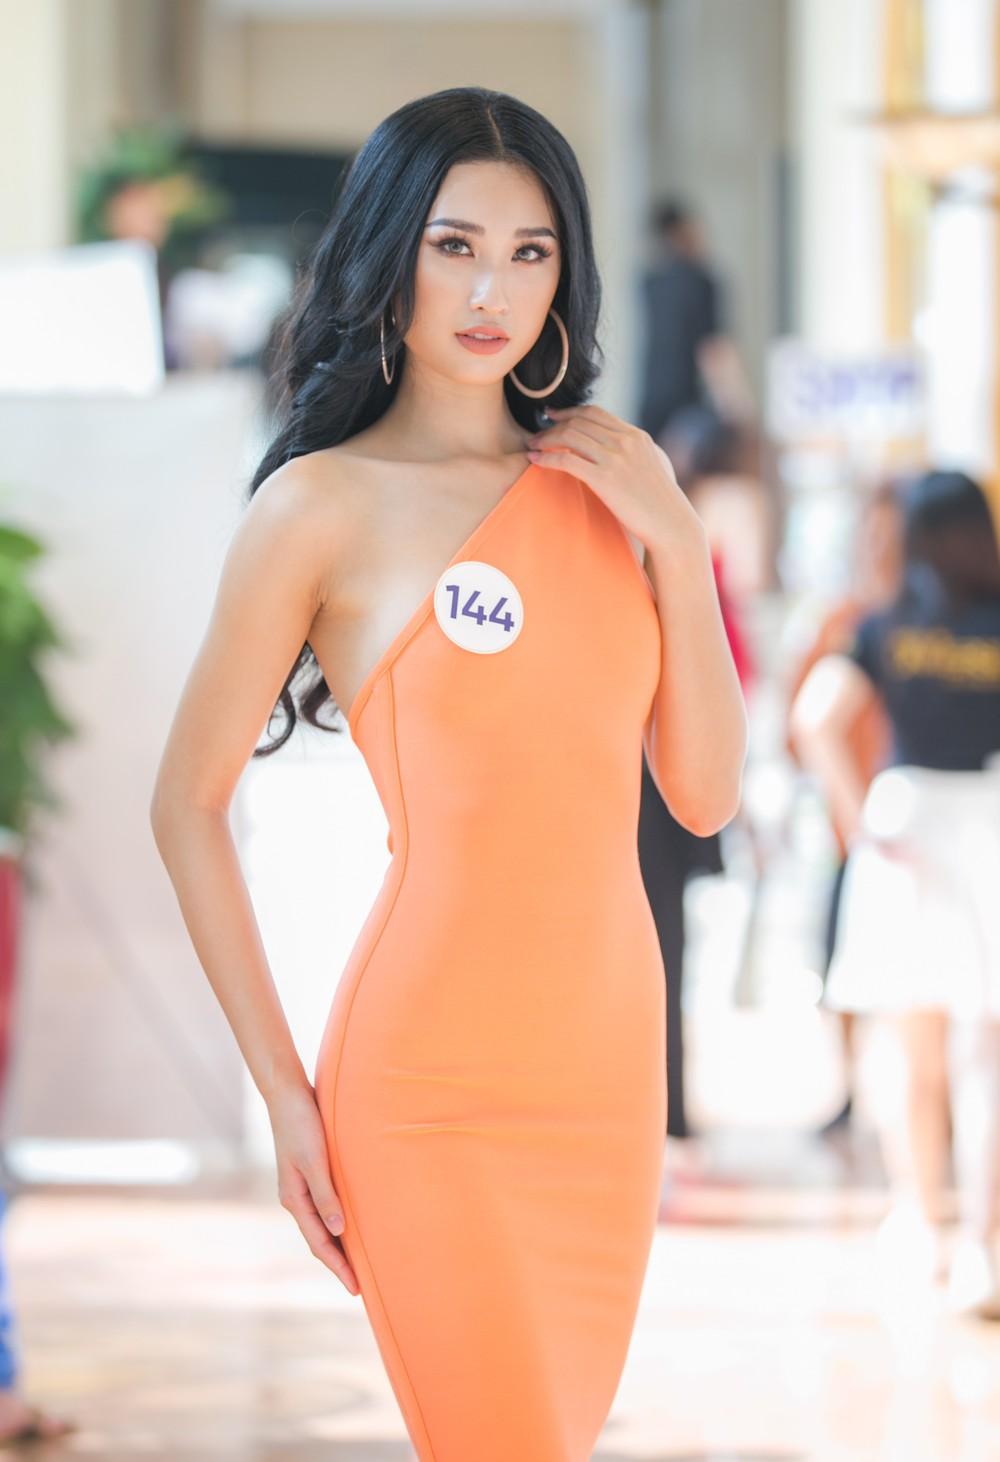 Thí sinh Hoa hậu Hoàn vũ Việt Nam 2019 nói gì khi được nhận xét giống Phạm Hương? - Ảnh 2.